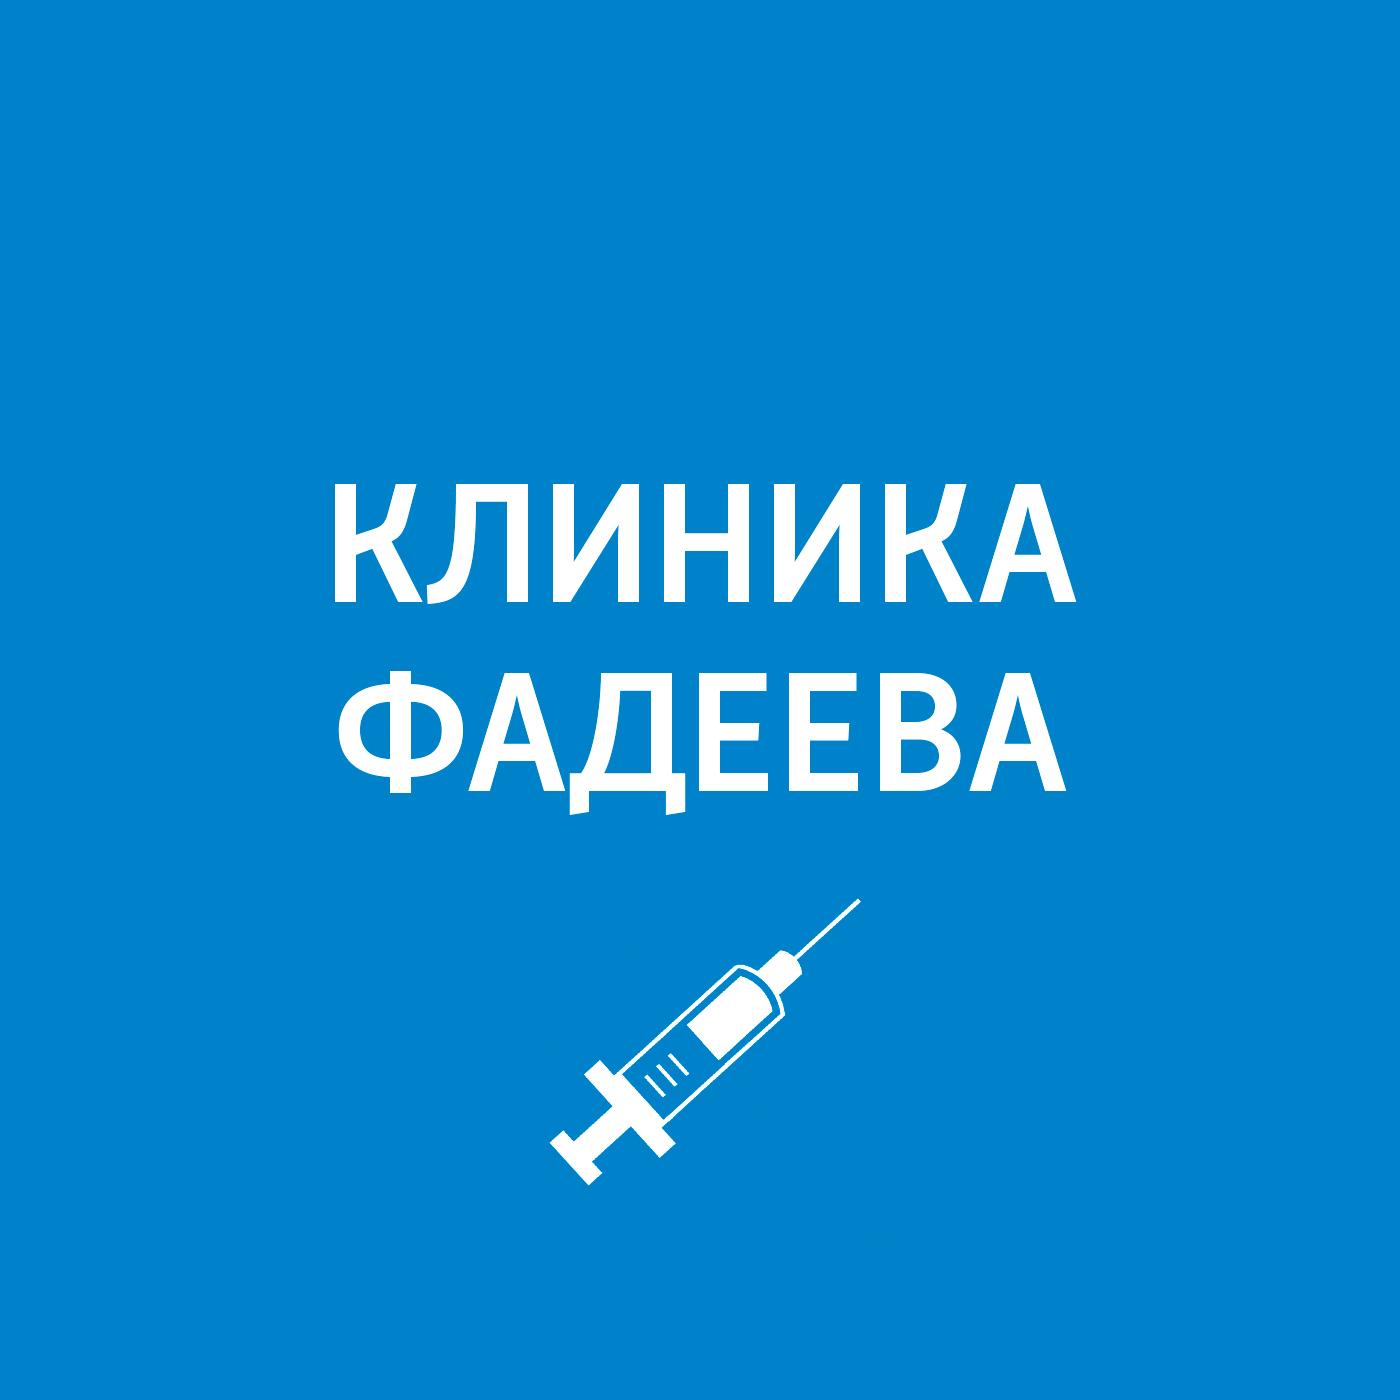 Пётр Фадеев Прием ведет врач-гастроэнтеролог желудочно кишечные заболевания что советуют врачи